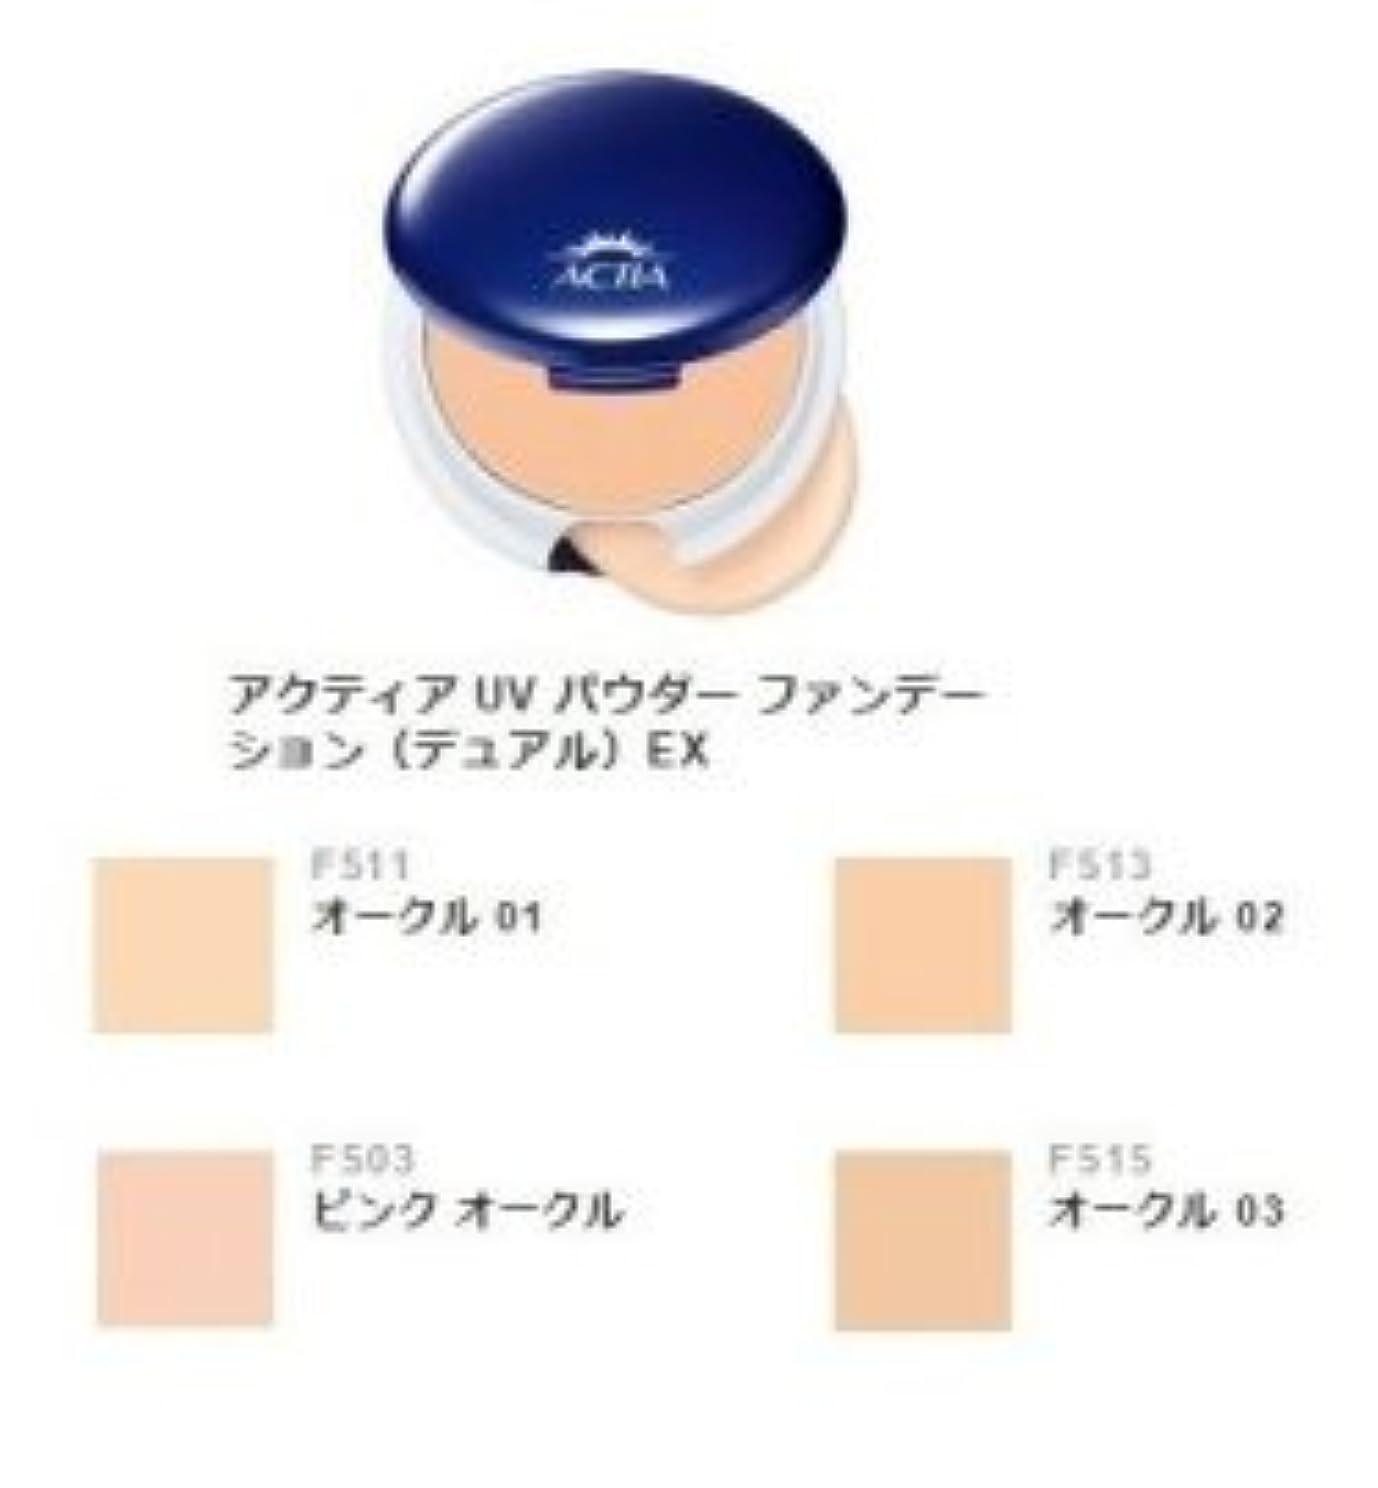 レンチスラムソロエイボン(AVON) アクティア UV パウダーファンデーション(デュアル)EX(リフィル) F511 オークル01